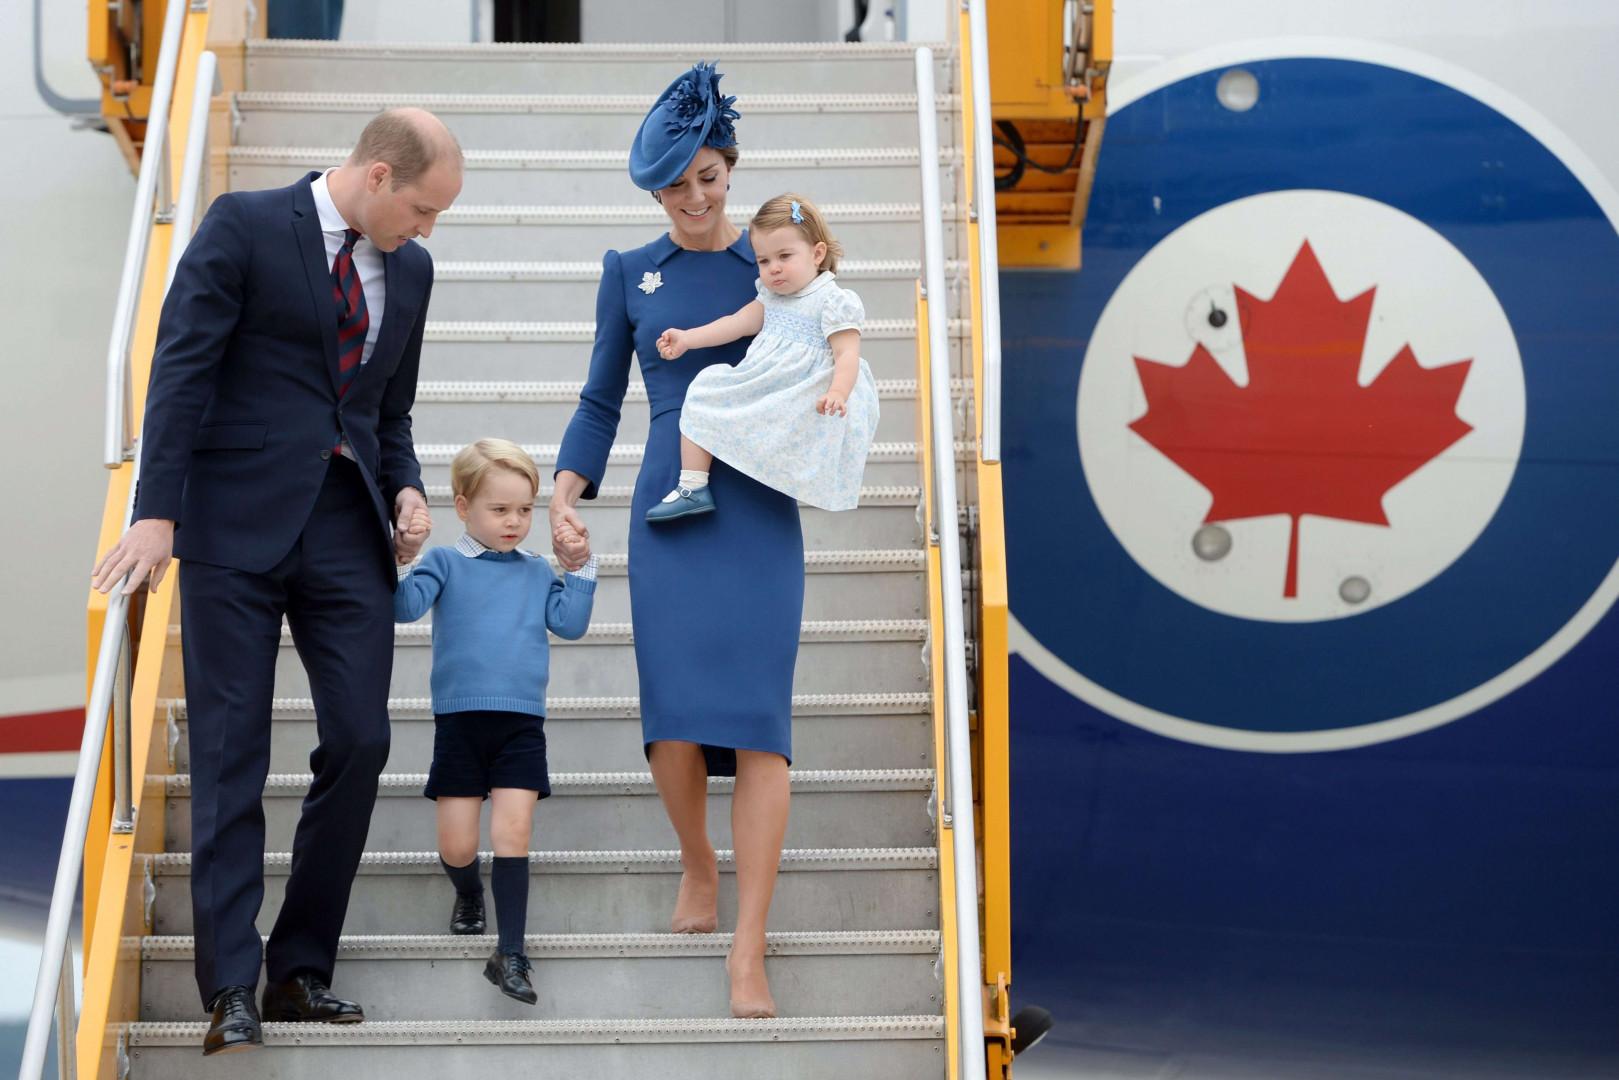 Le voyage de la famille royale au Canada doit durer une semaine.